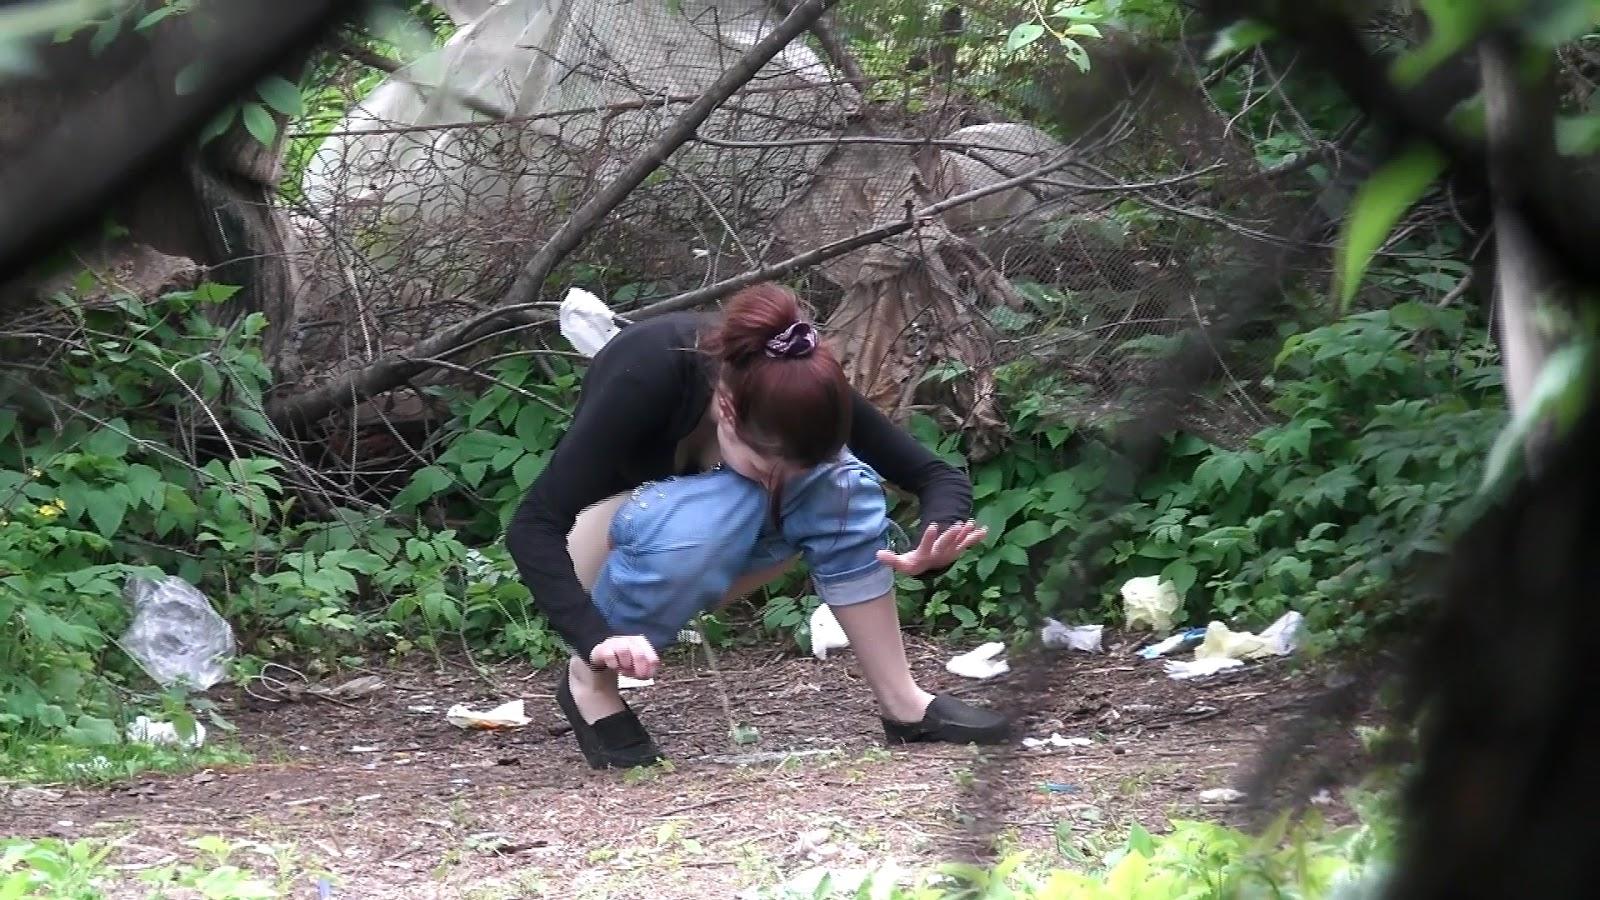 Voyeur Zone: Women pee in the bushes 3